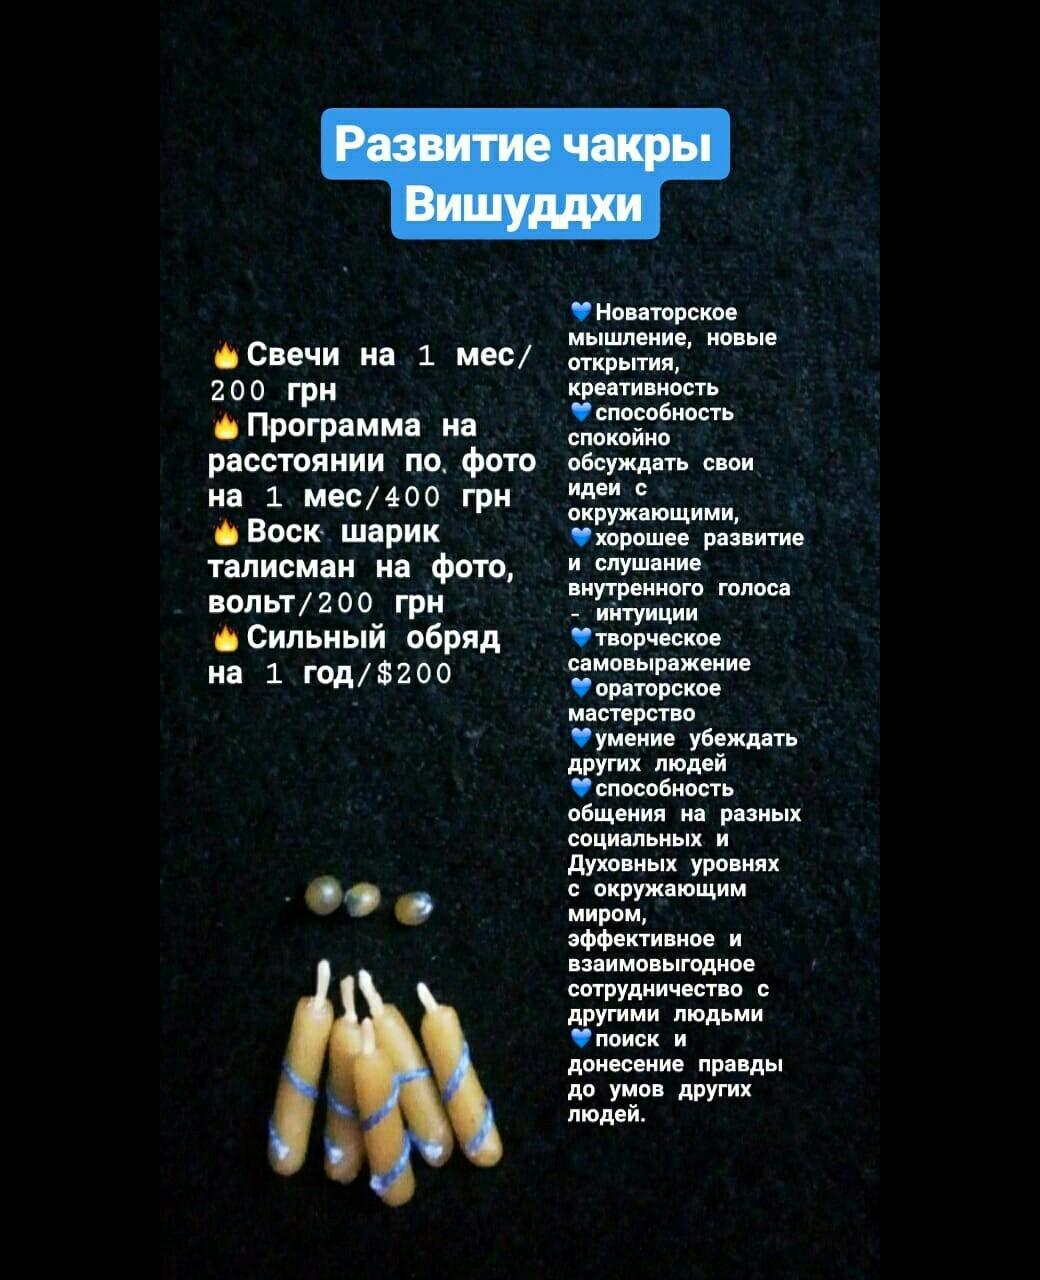 Хештег анахата на   Салон Магии и мистики Елены Руденко ( Валтеи ). Киев ,тел: 0506251562  SDVb3lgh5rU